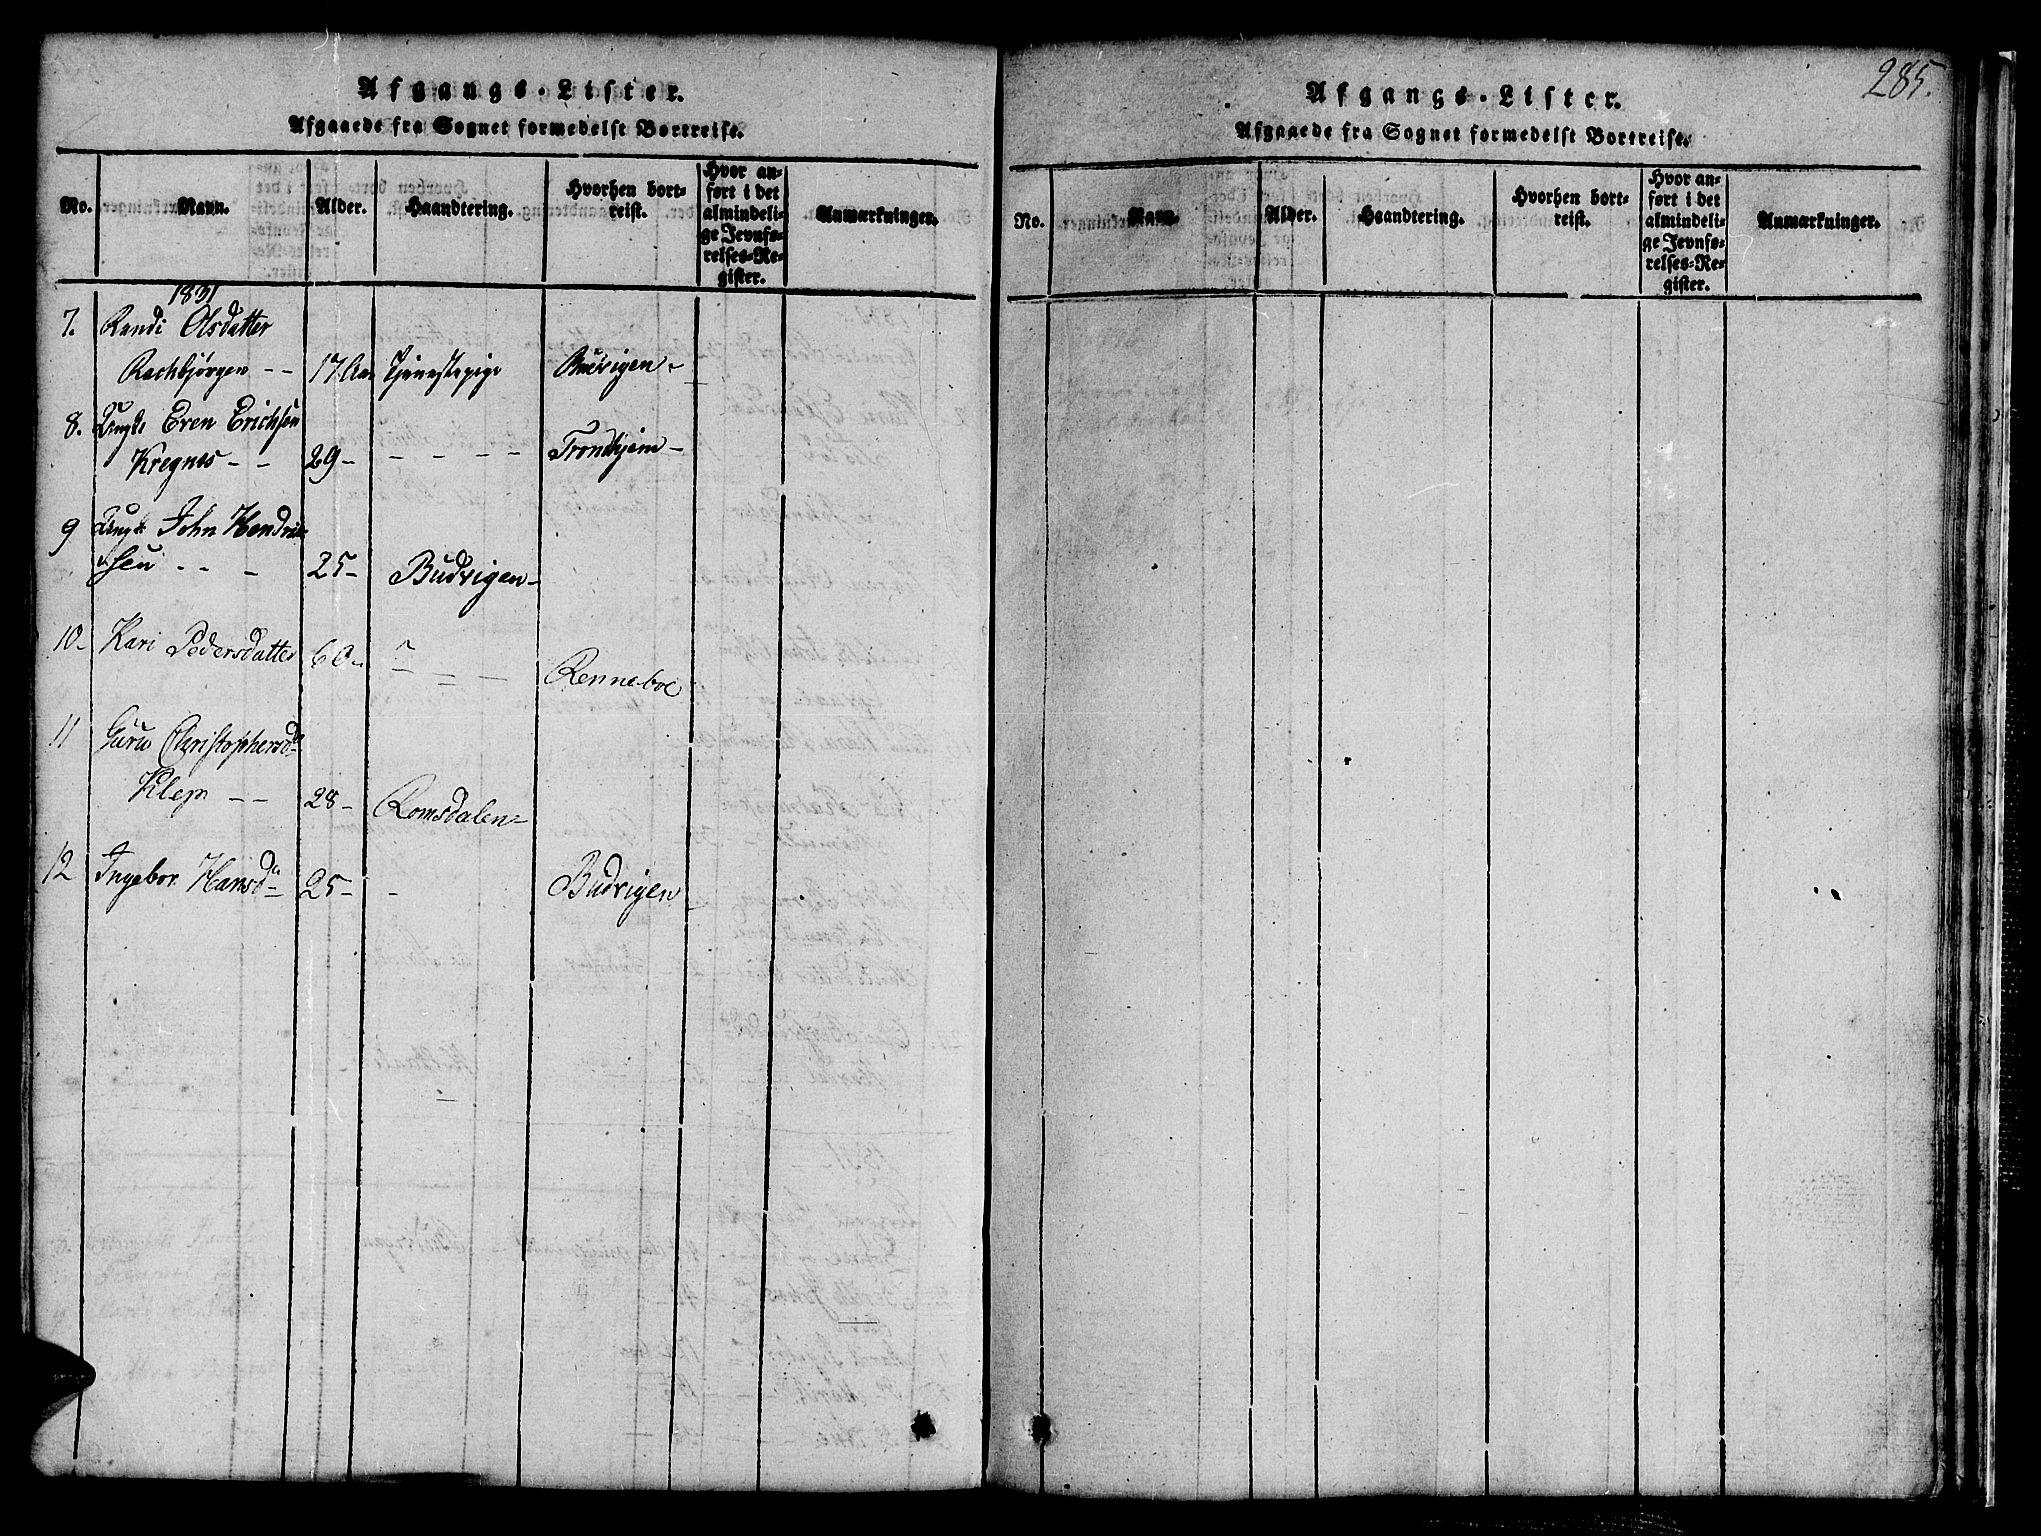 SAT, Ministerialprotokoller, klokkerbøker og fødselsregistre - Sør-Trøndelag, 691/L1092: Klokkerbok nr. 691C03, 1816-1852, s. 285